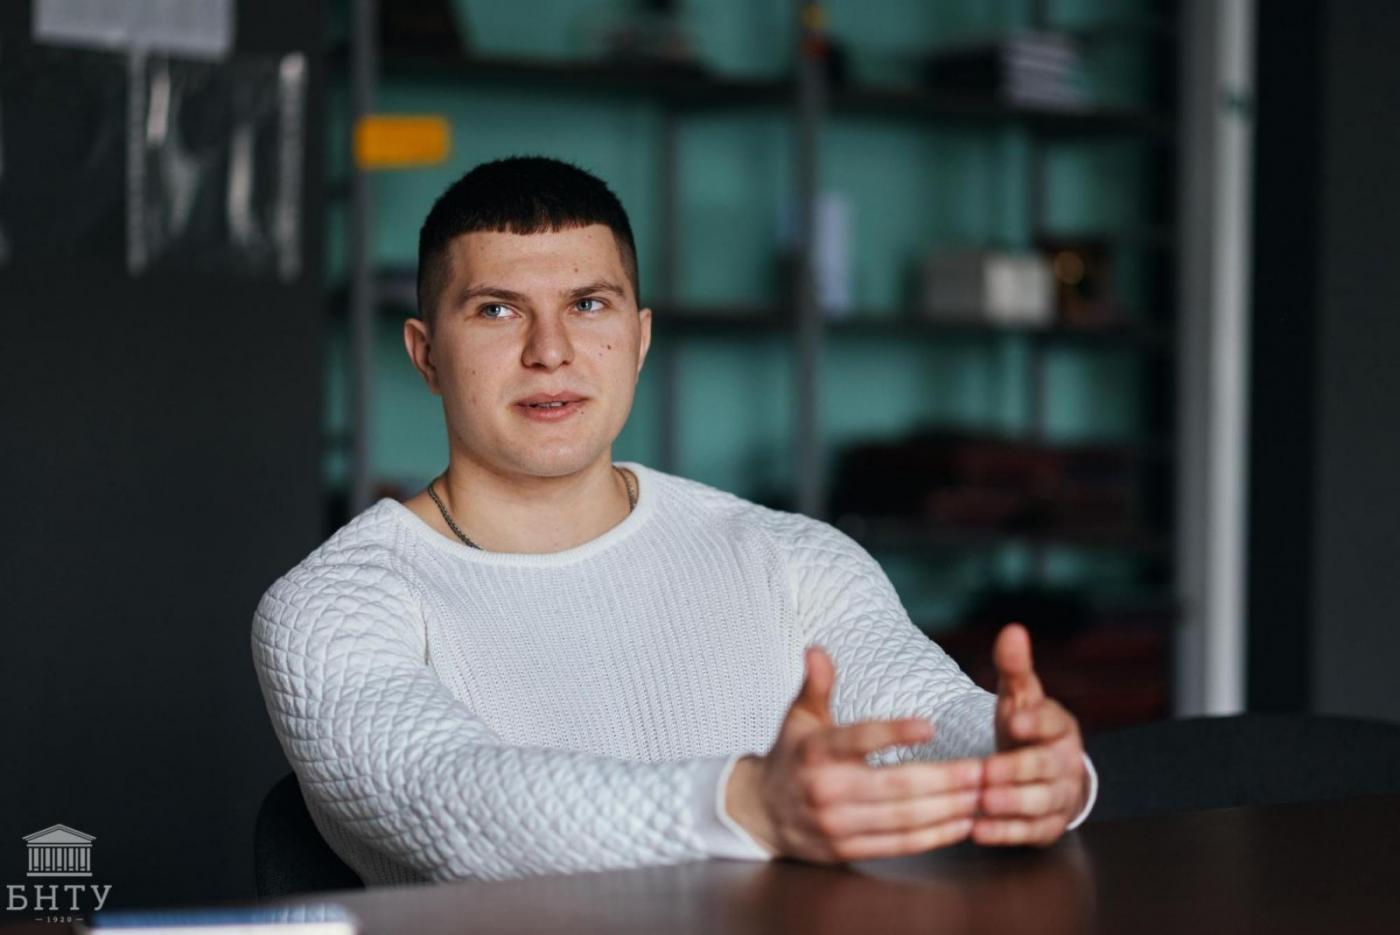 Василий Пашкевич: «Если бы счастье было главной валютой, я бы продолжил учиться в университете»